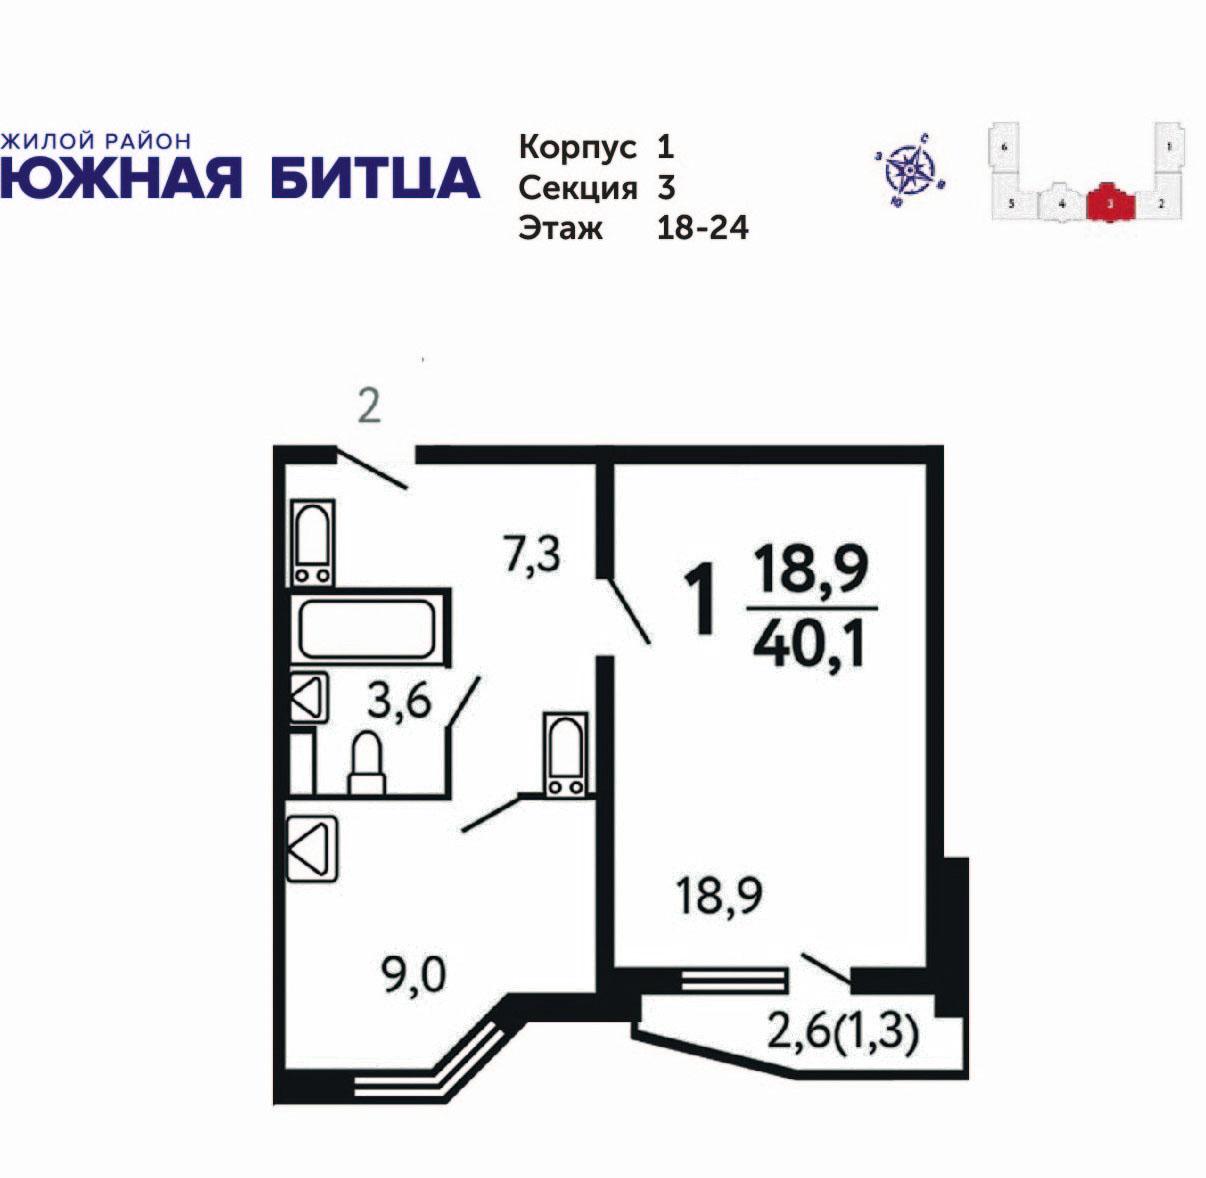 1-комнатная квартира, 40.1м² за 6,7 млн руб.